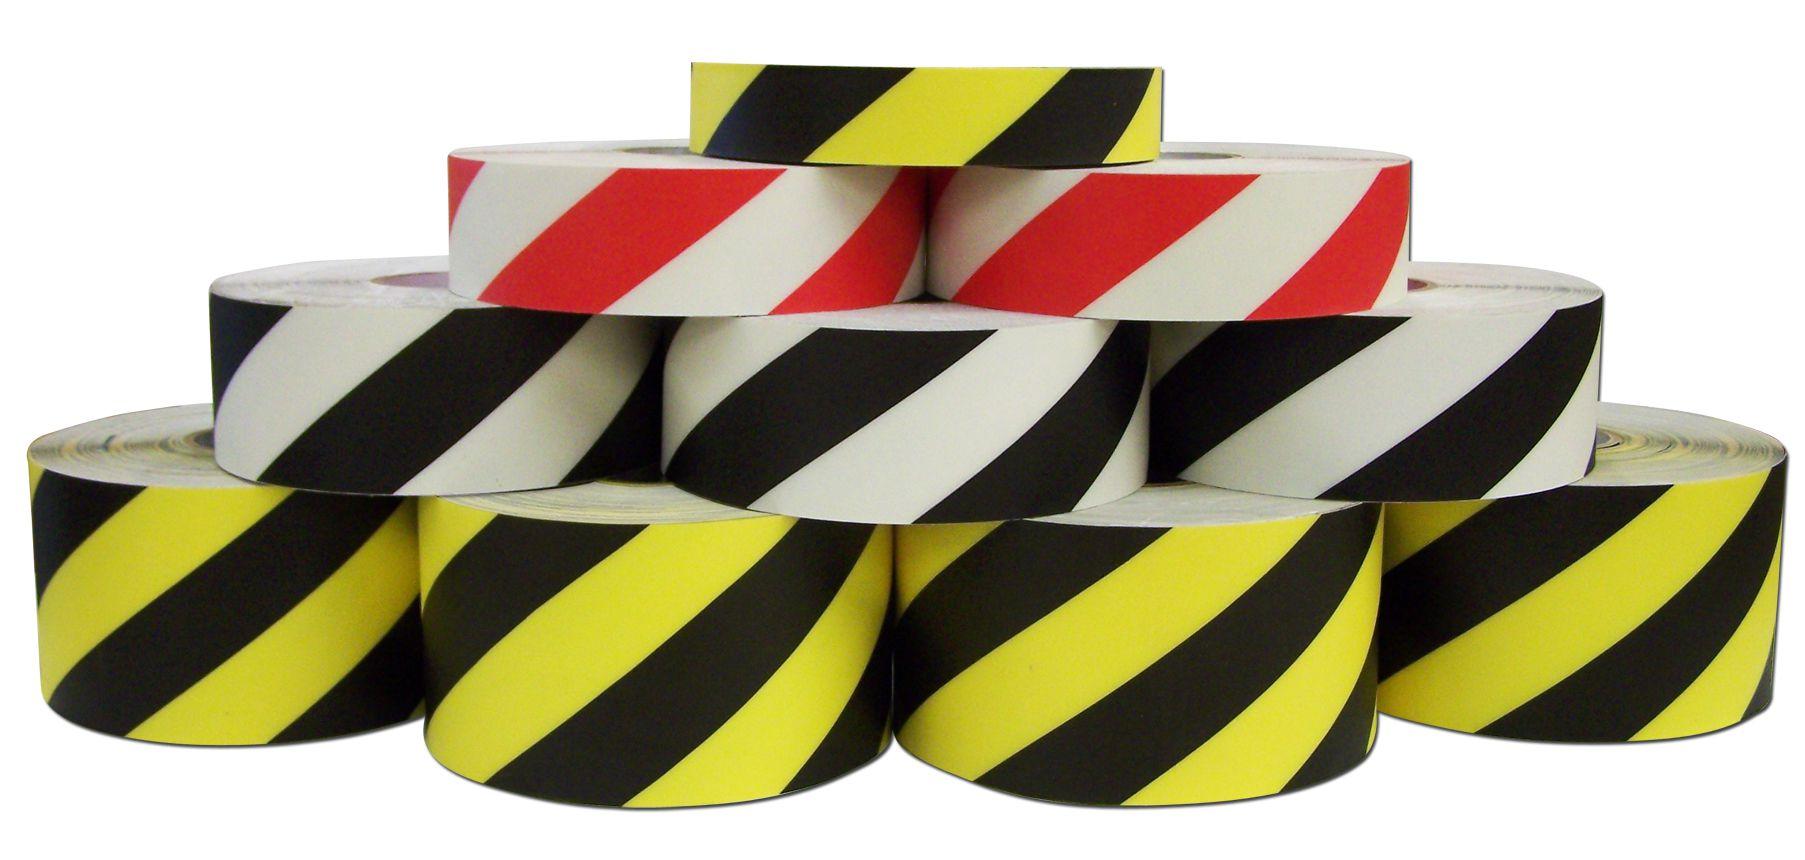 2 in. x 100 ft. DuraStripe Striped Supreme V Heavy Duty Floor Tape